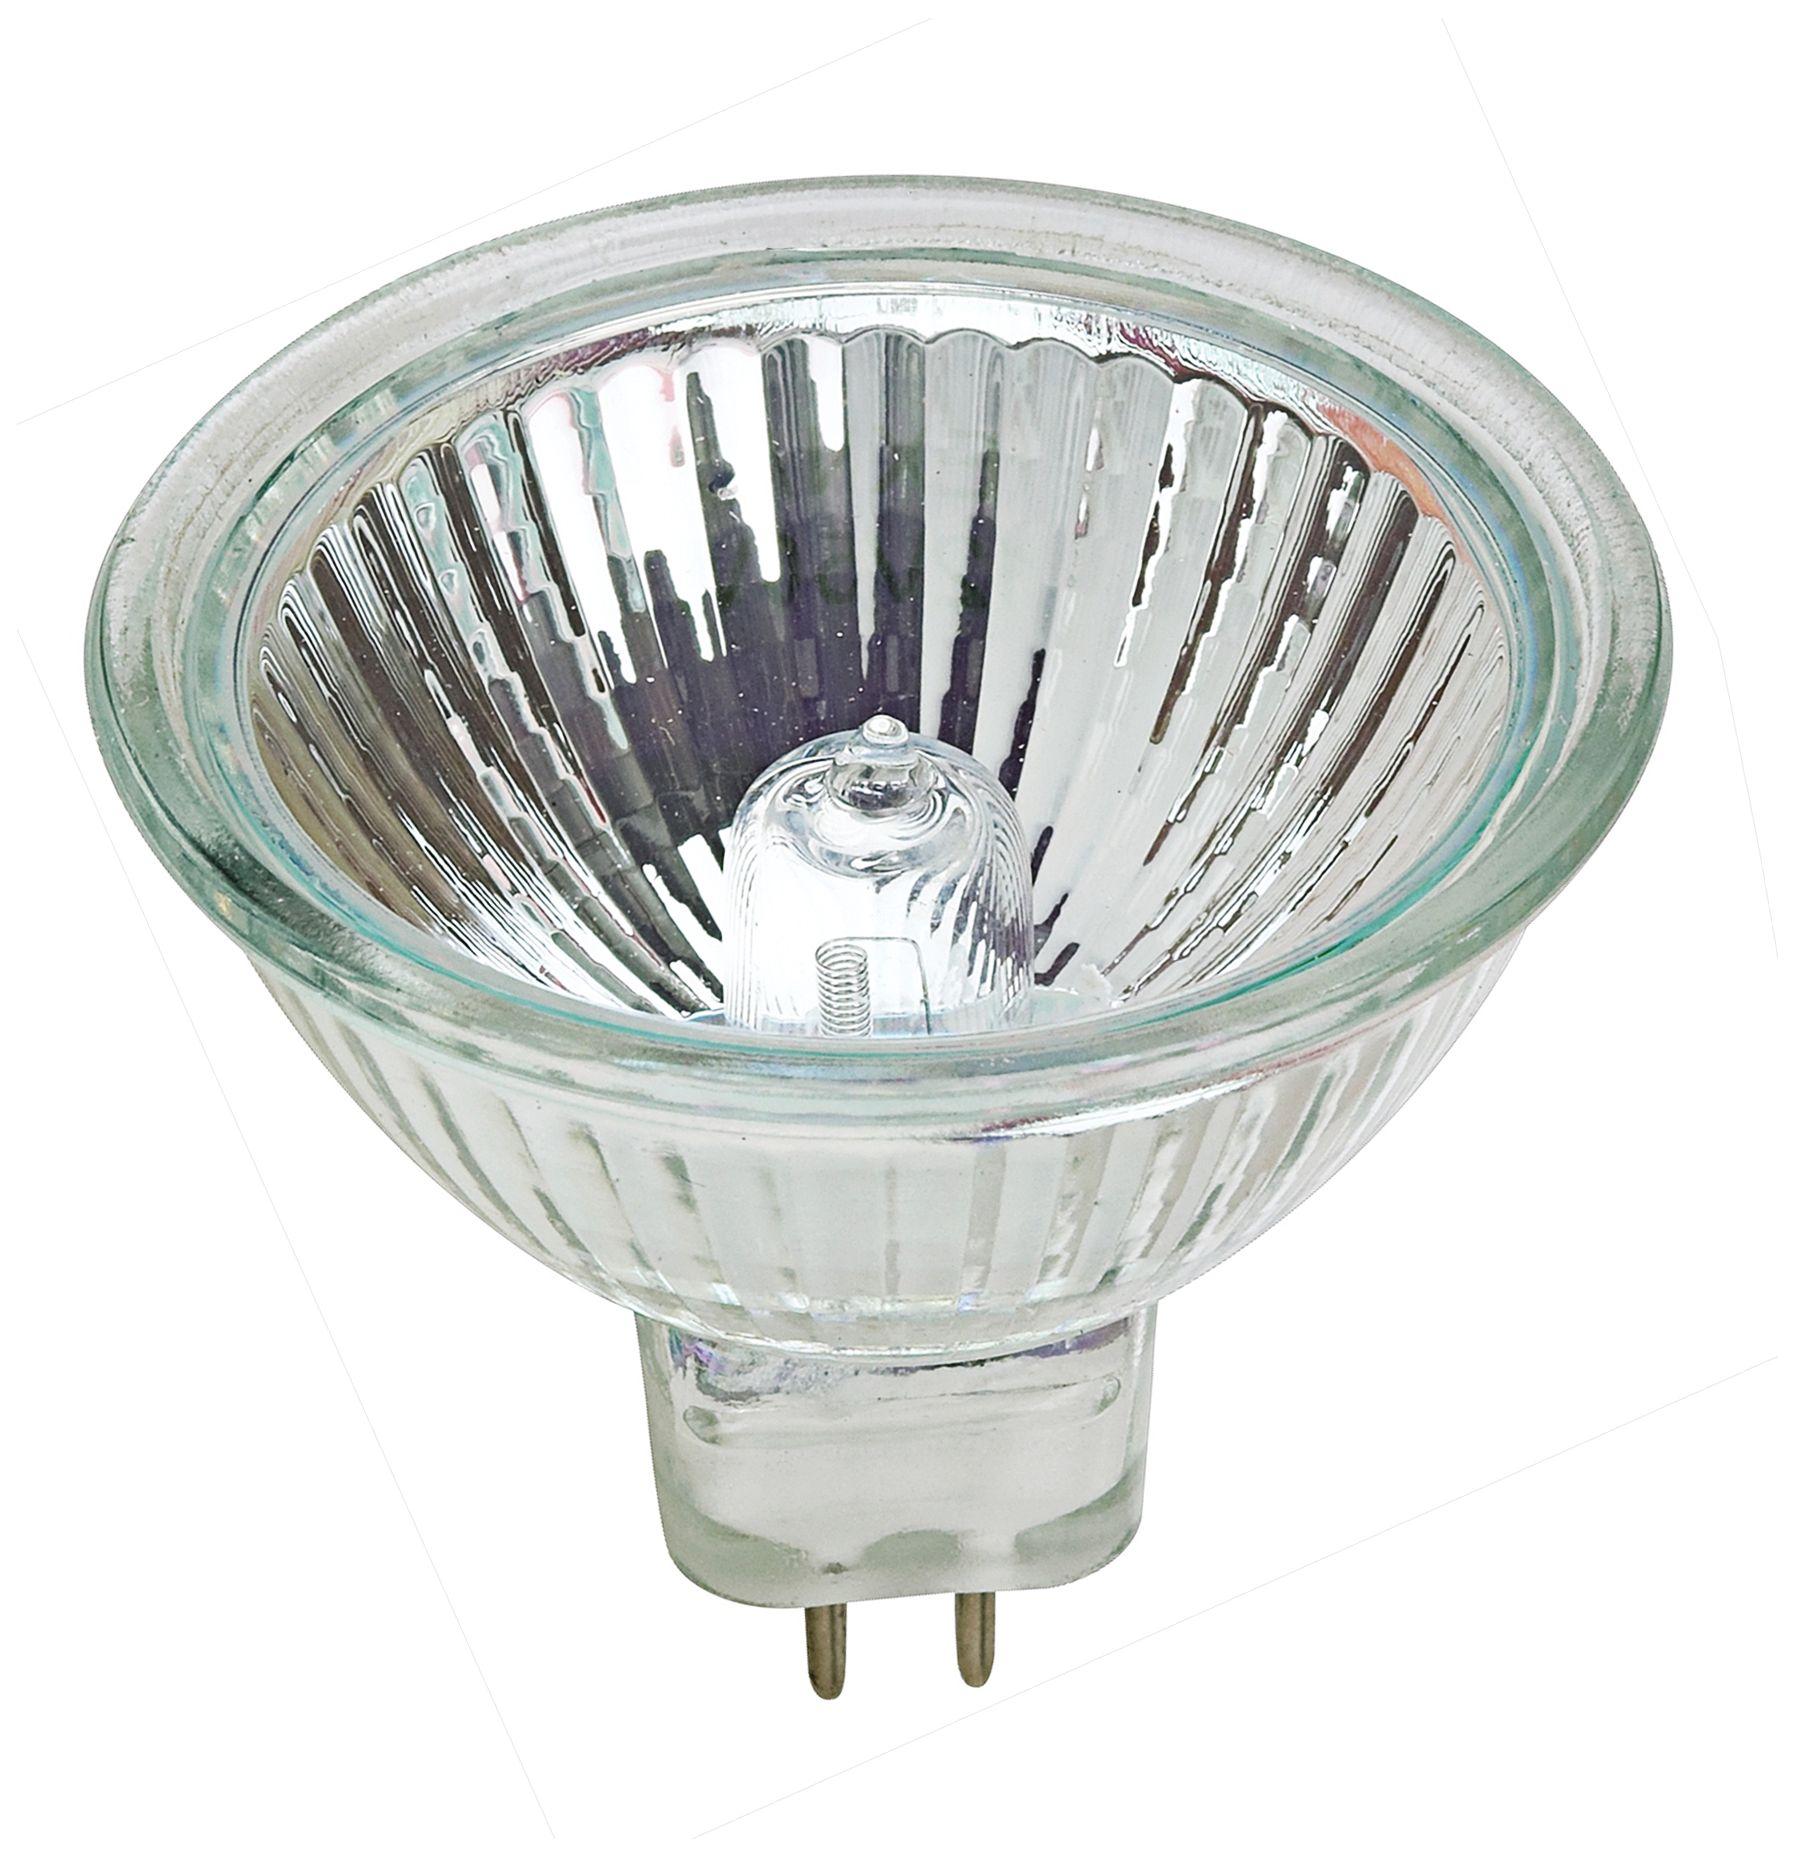 Tesler 50-Watt MR-16 40 Degree UV Filter Halogen Light bulb  sc 1 st  L&s Plus & Tesler 50-Watt MR-16 40 Degree UV Filter Halogen Light bulb ... azcodes.com